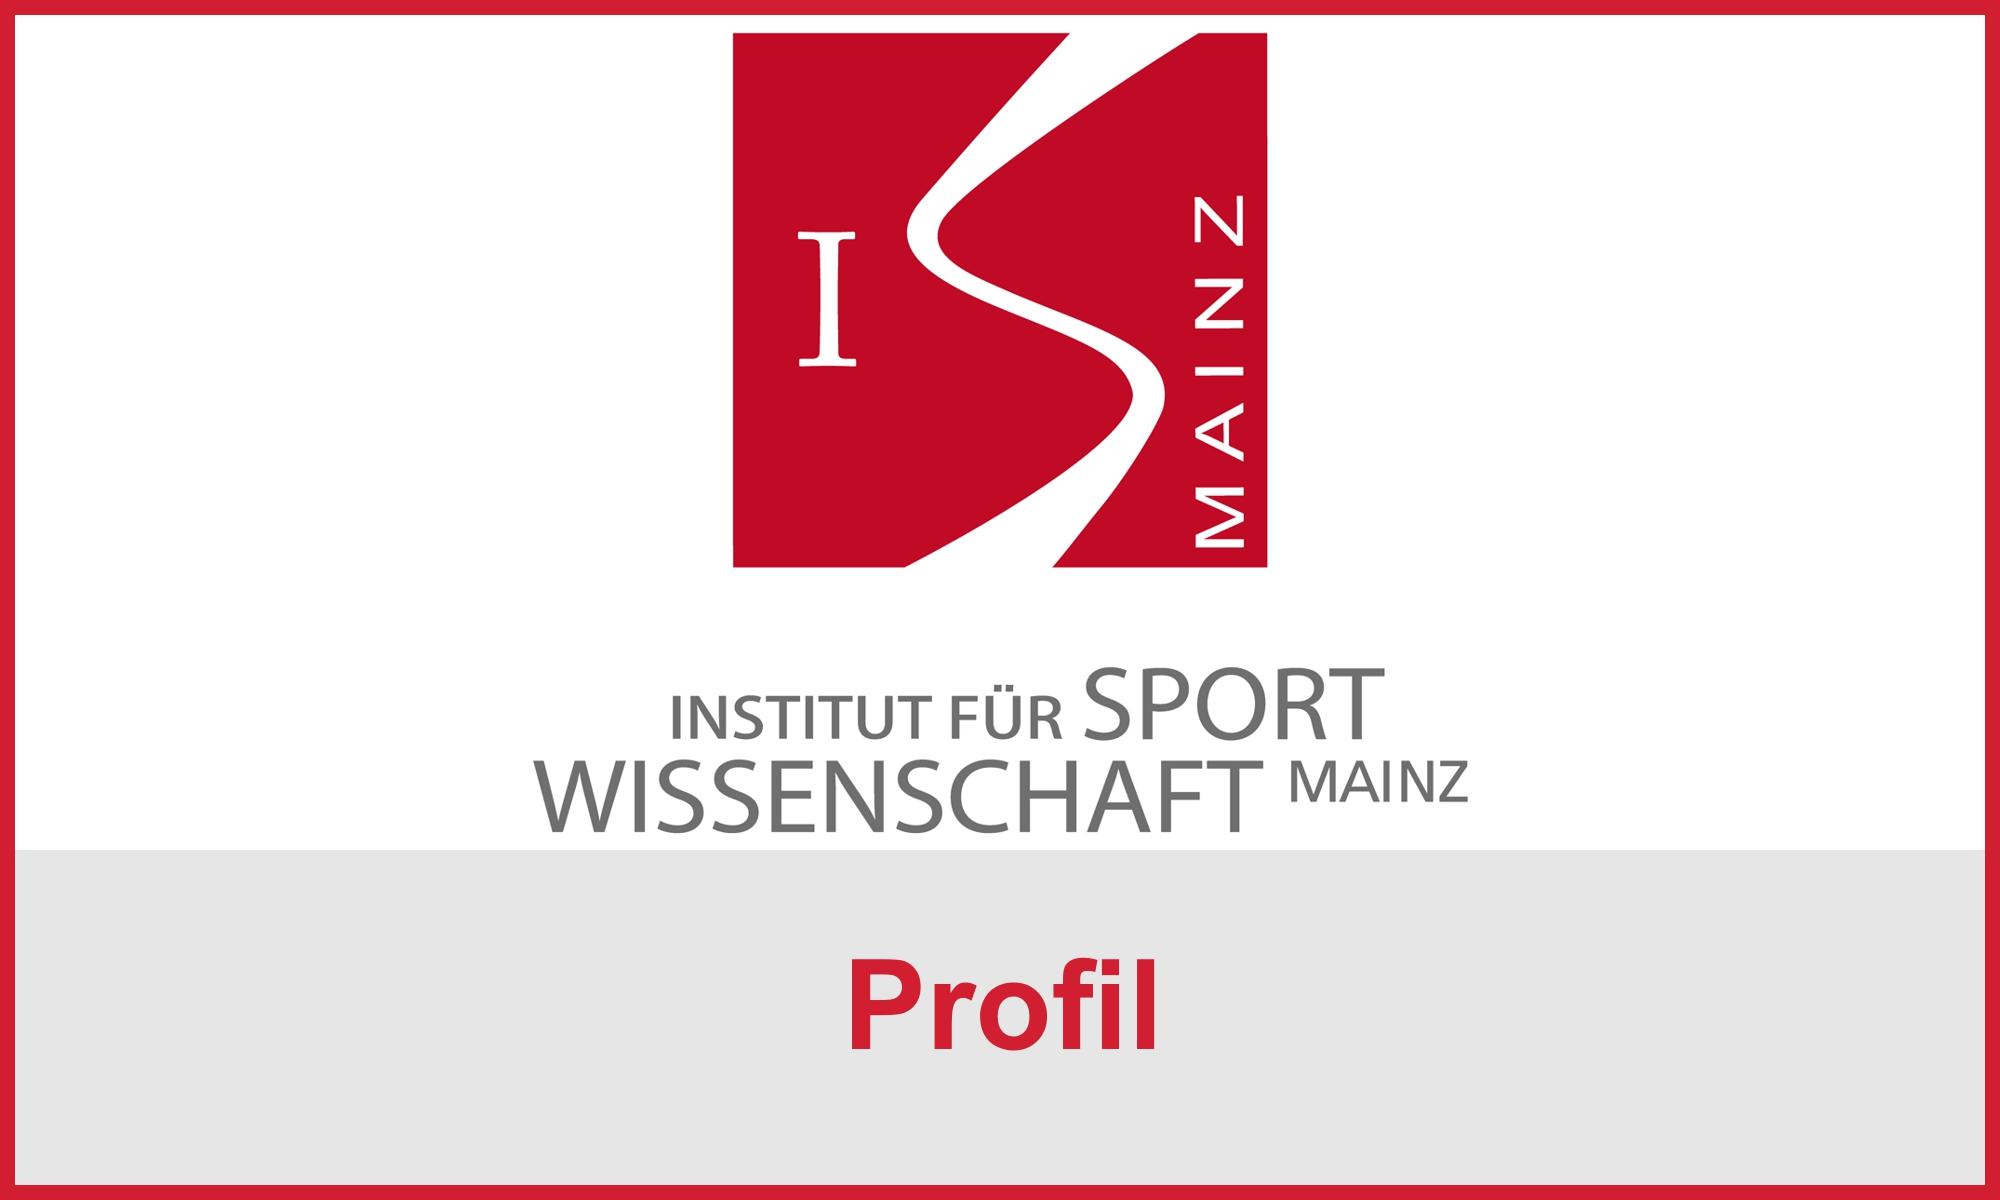 Institut für Sportwissenschaft Mainz